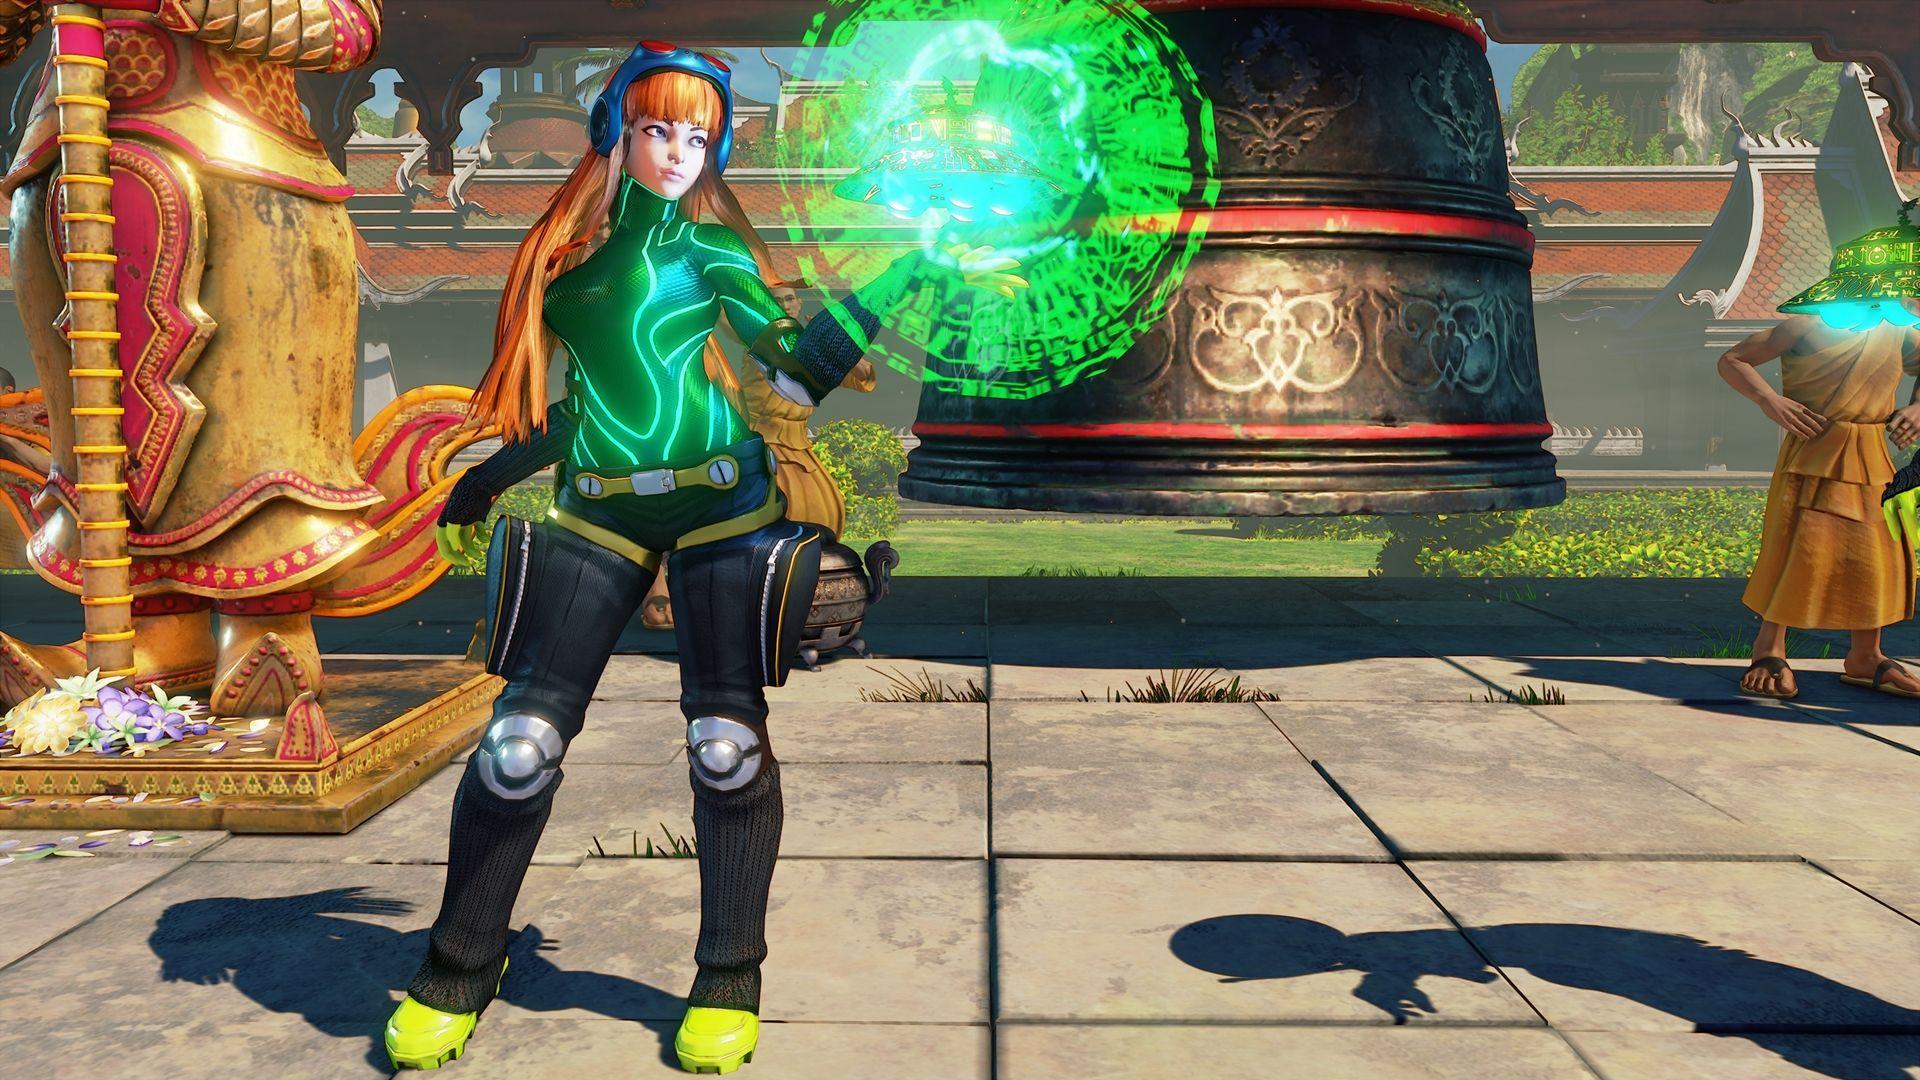 Videogame Street Fighter V Street Fighter Futaba Sakura Menat Hd